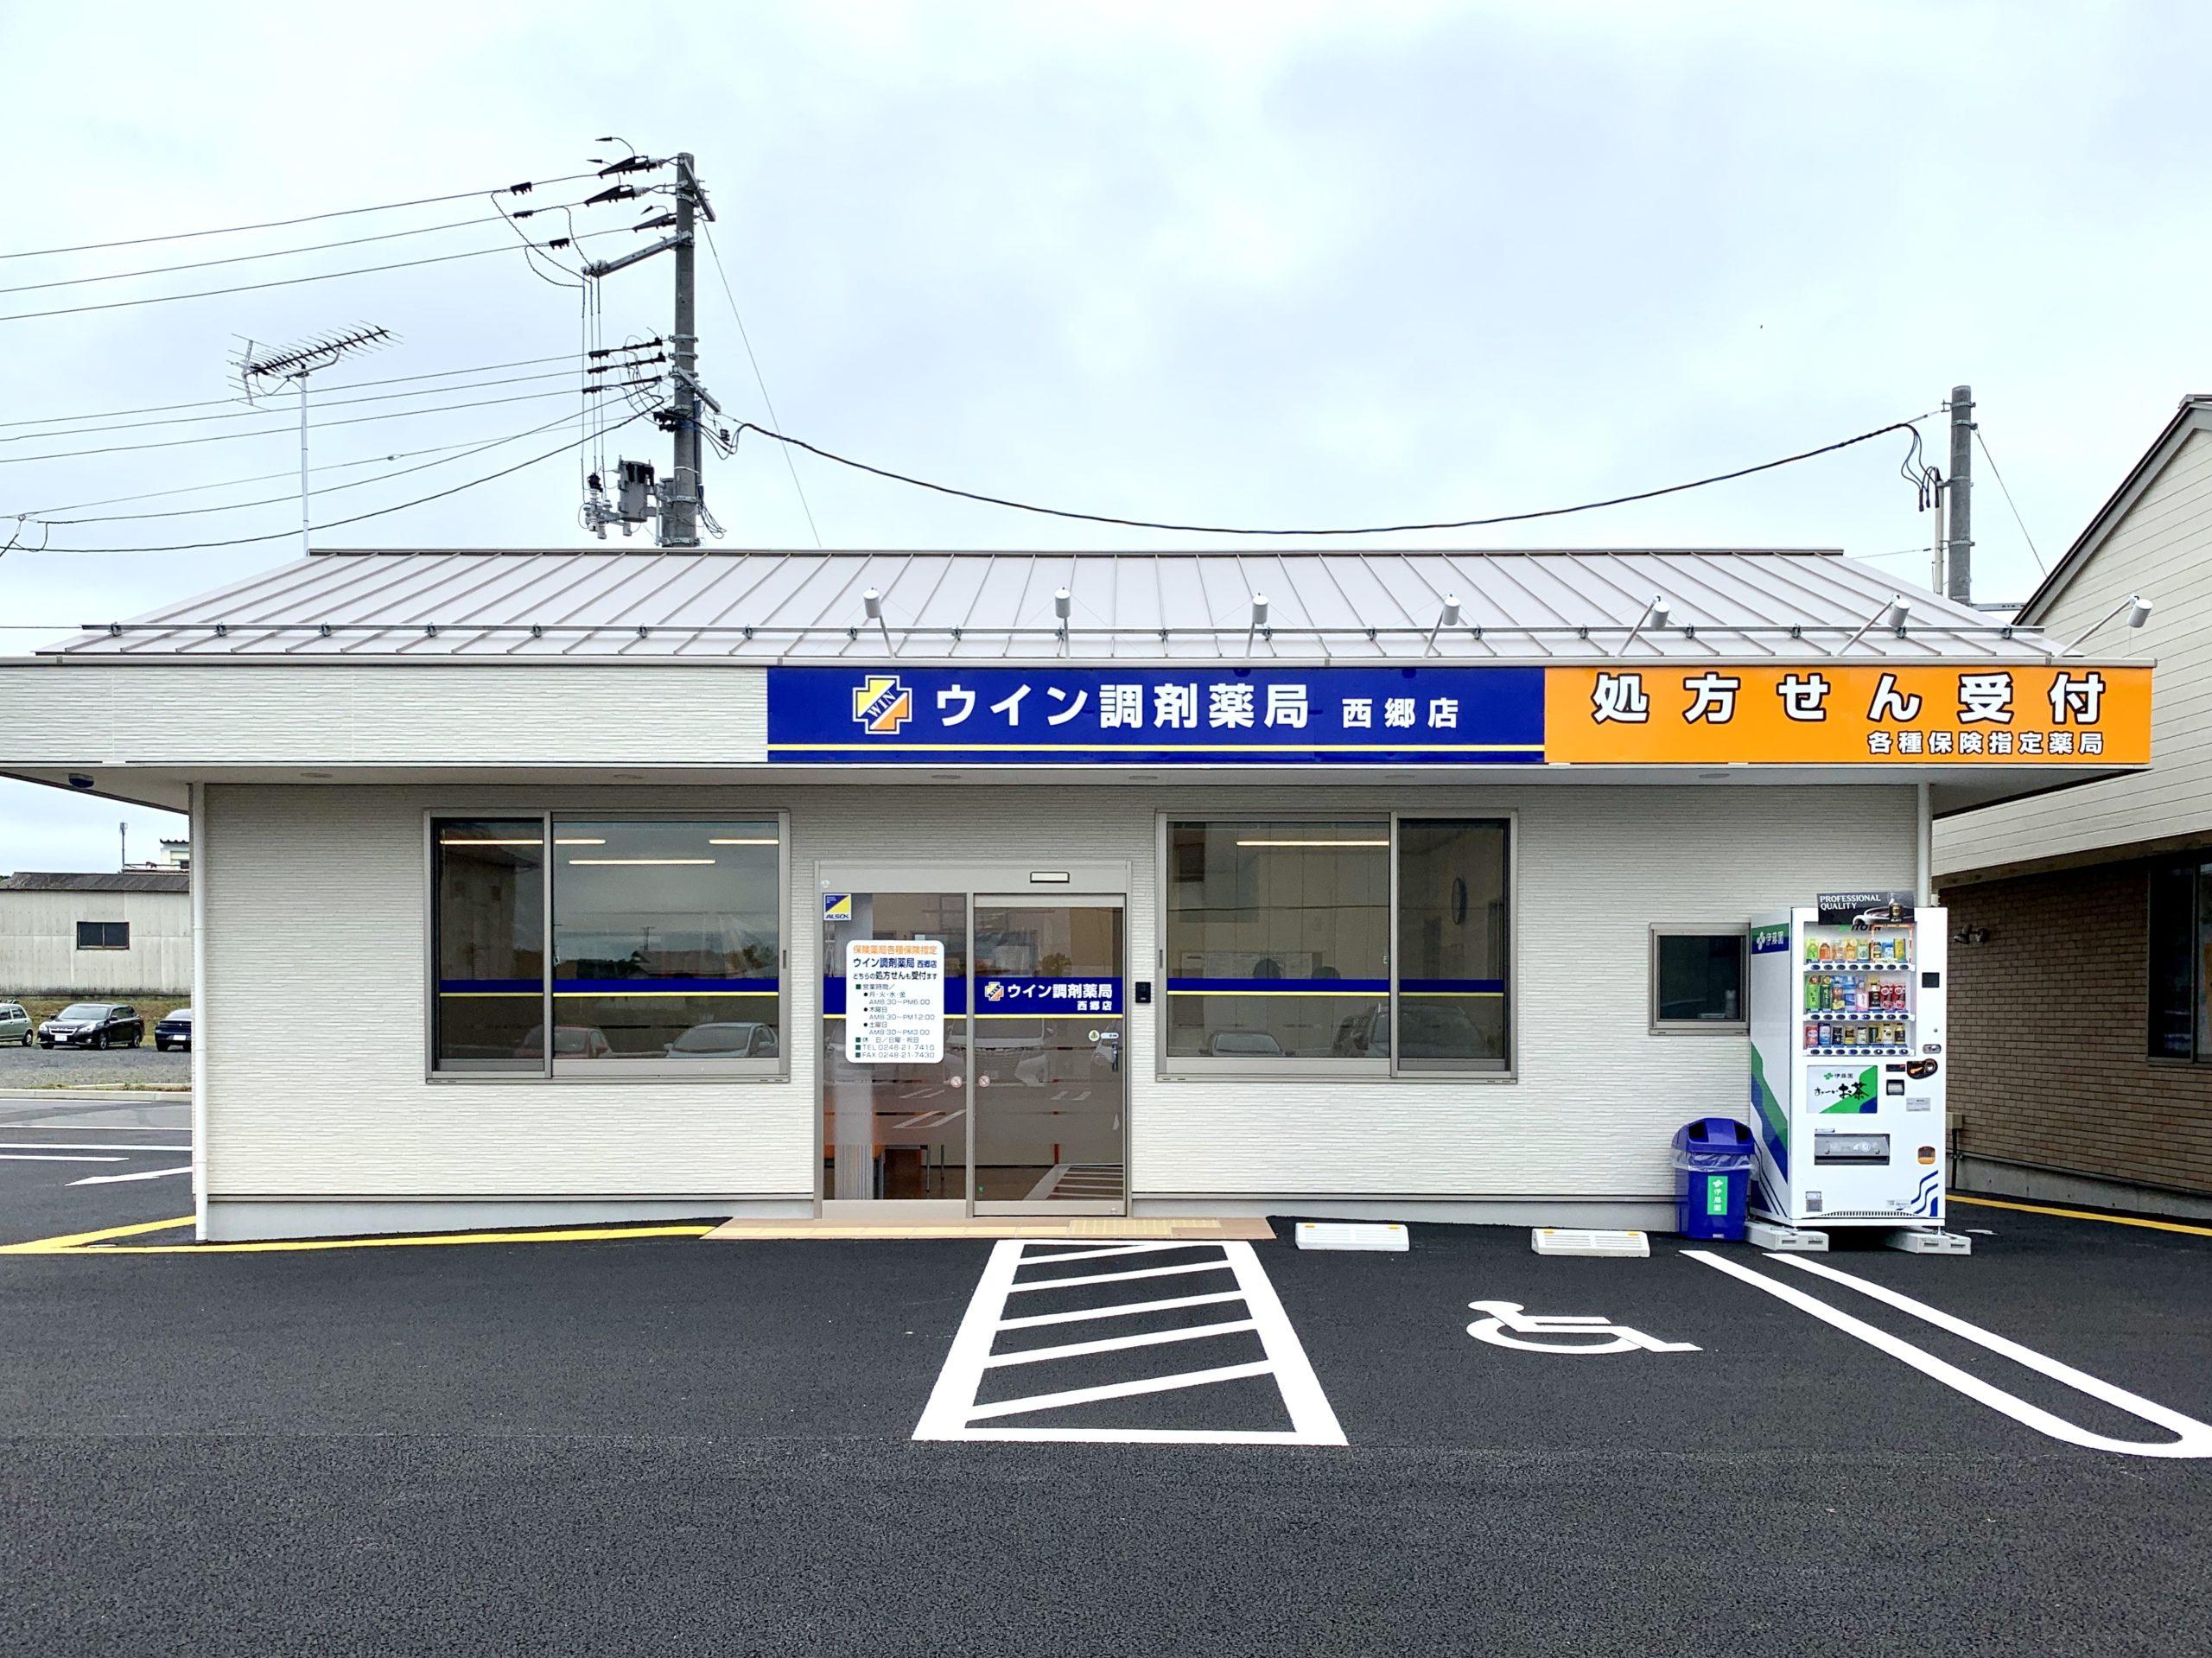 ウイン調剤薬局 西郷店